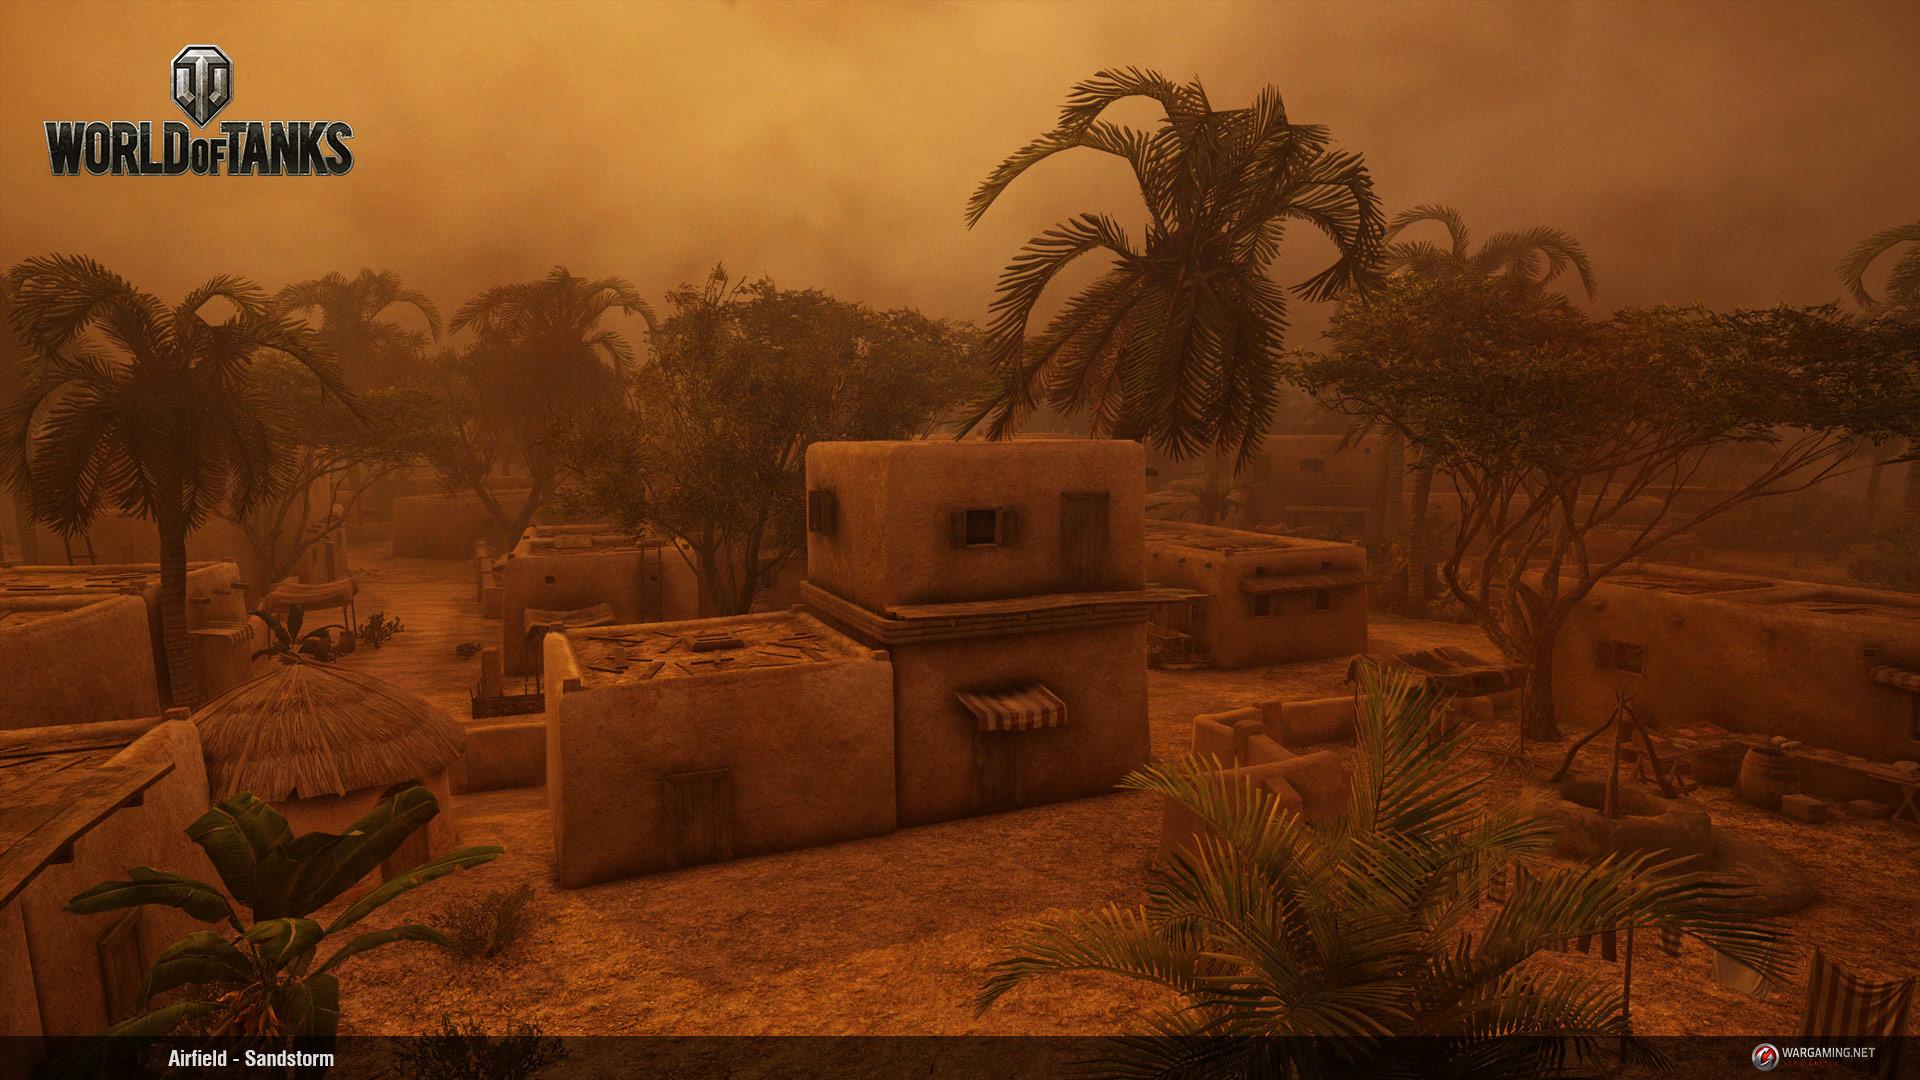 Branded Airfield-sandstorm2